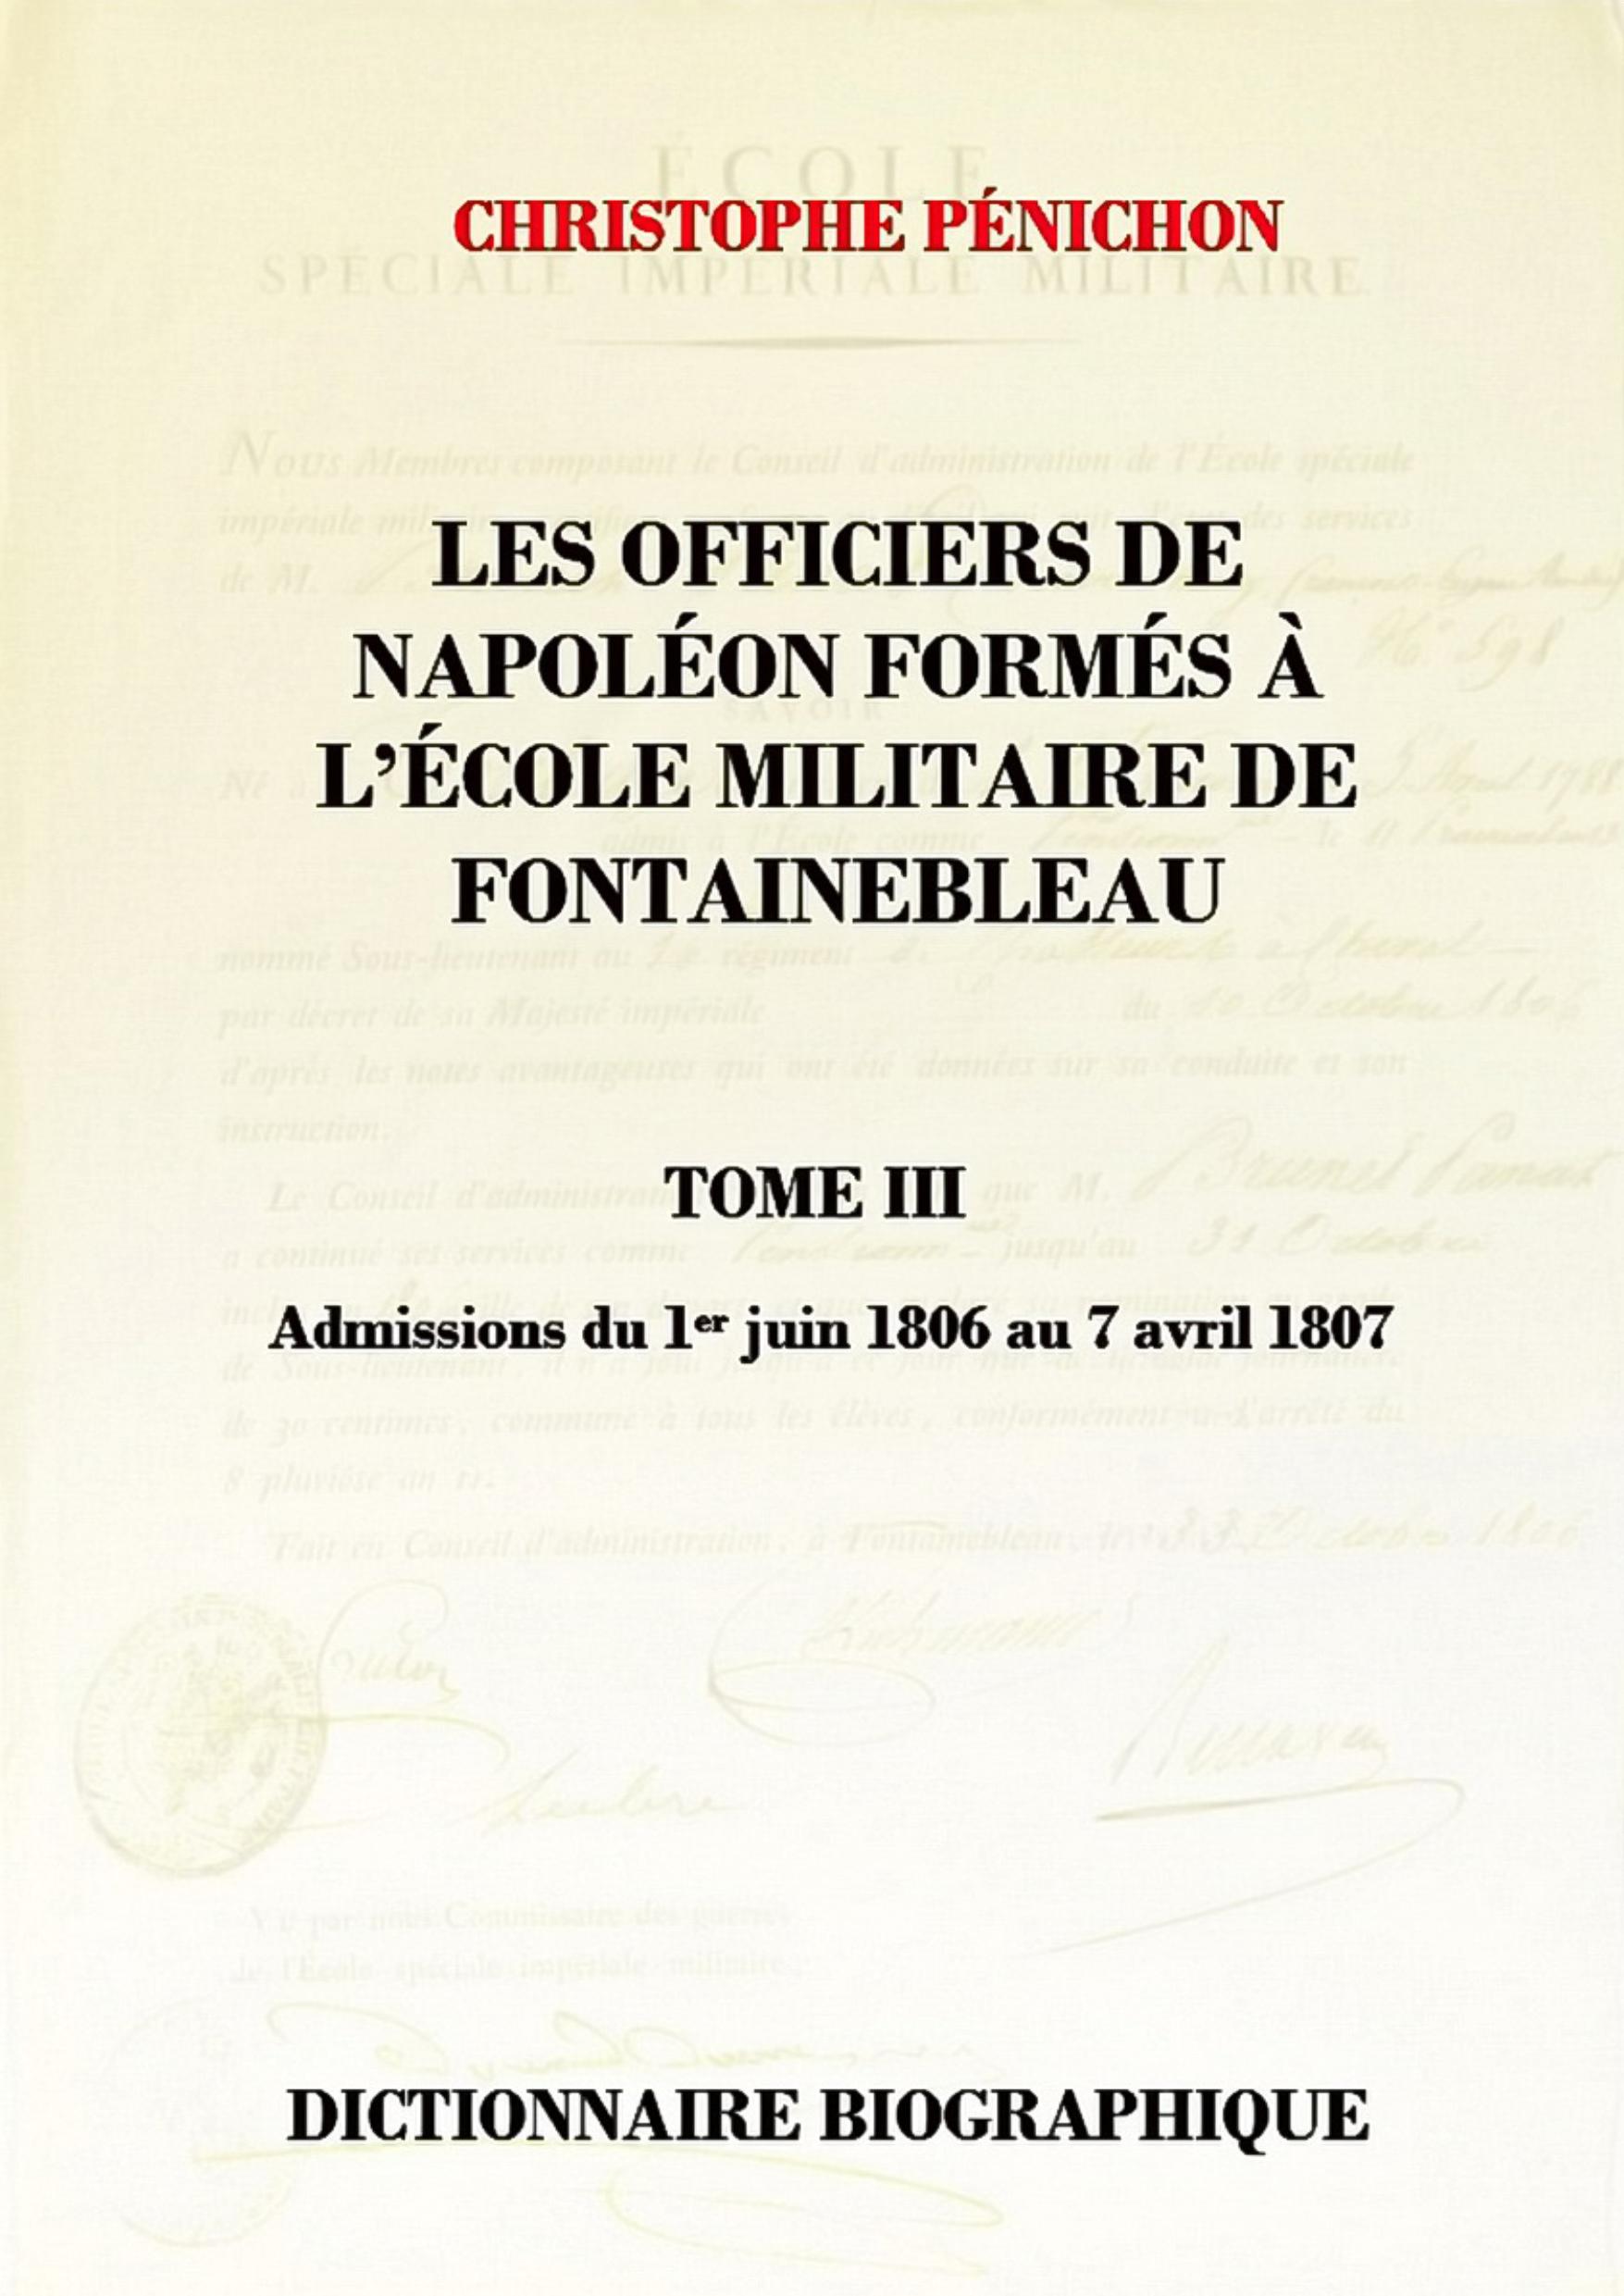 Les Officiers de Napoléon tome III